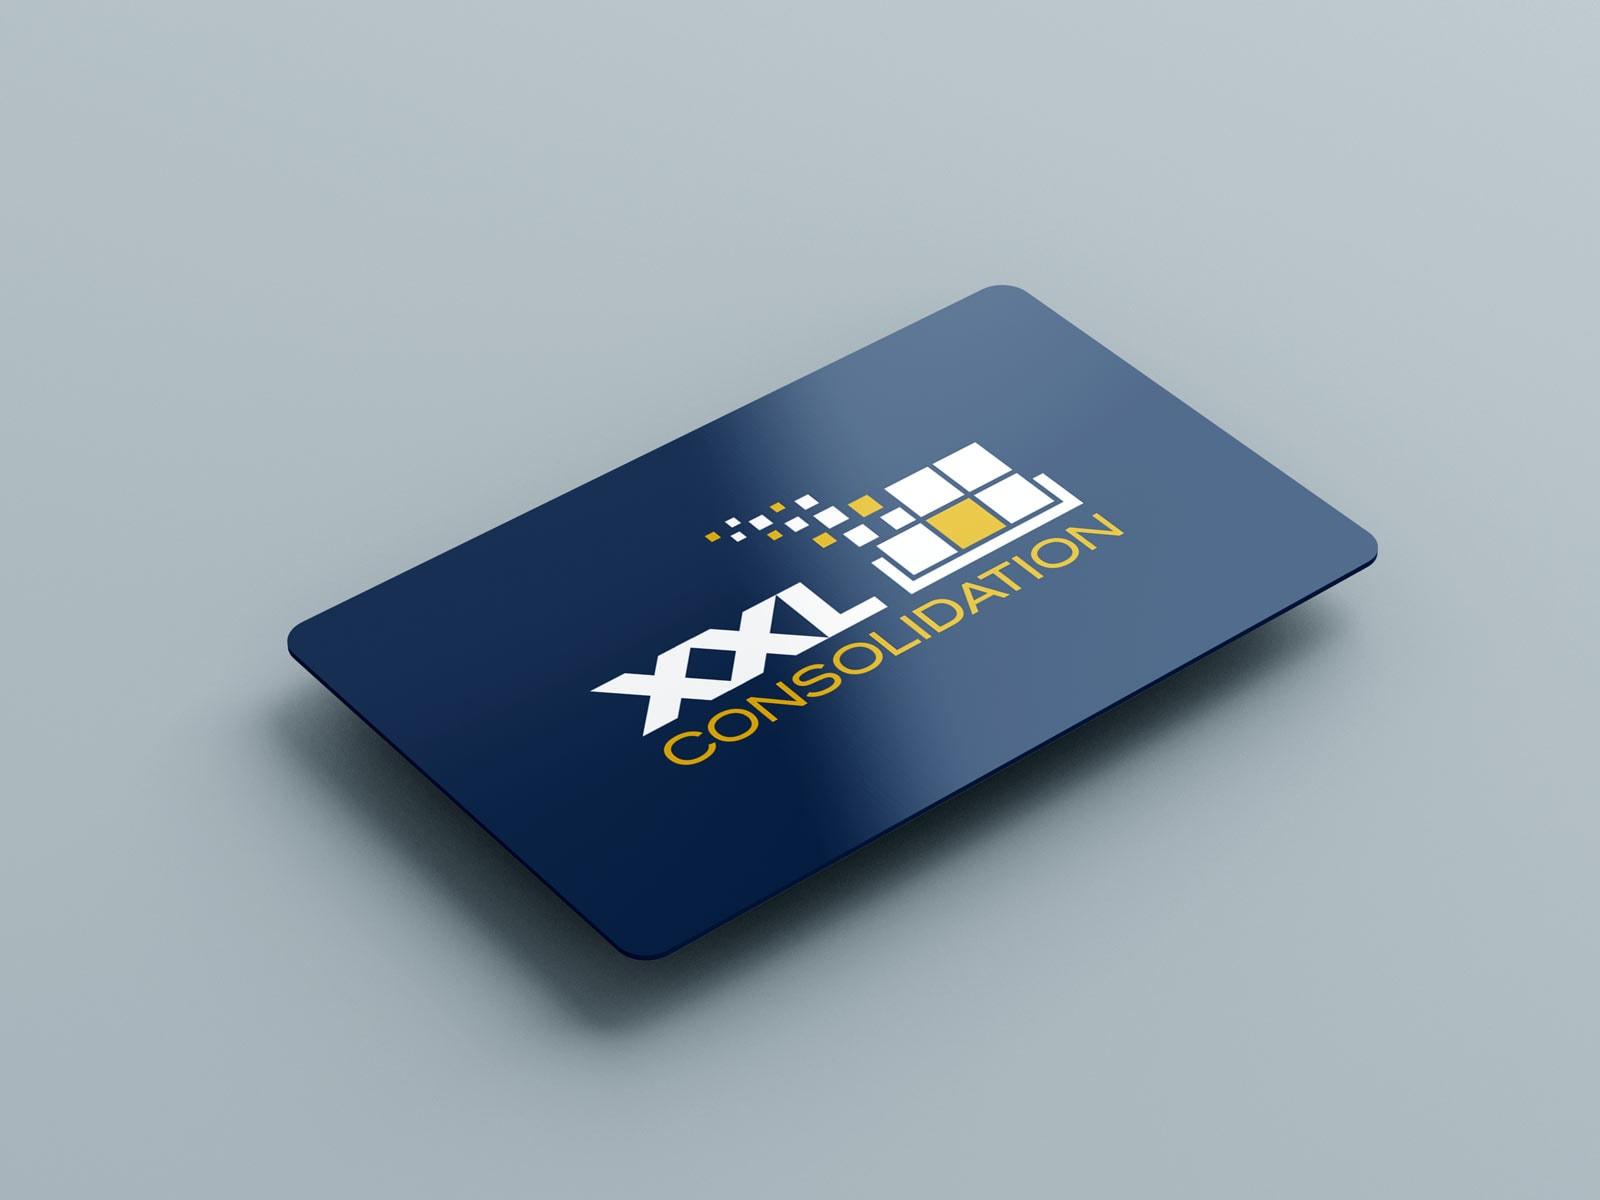 XXL Consolidation, personalisierte Kunstoff-Karte, Messebedarf, Werbemittel, Ansicht 2